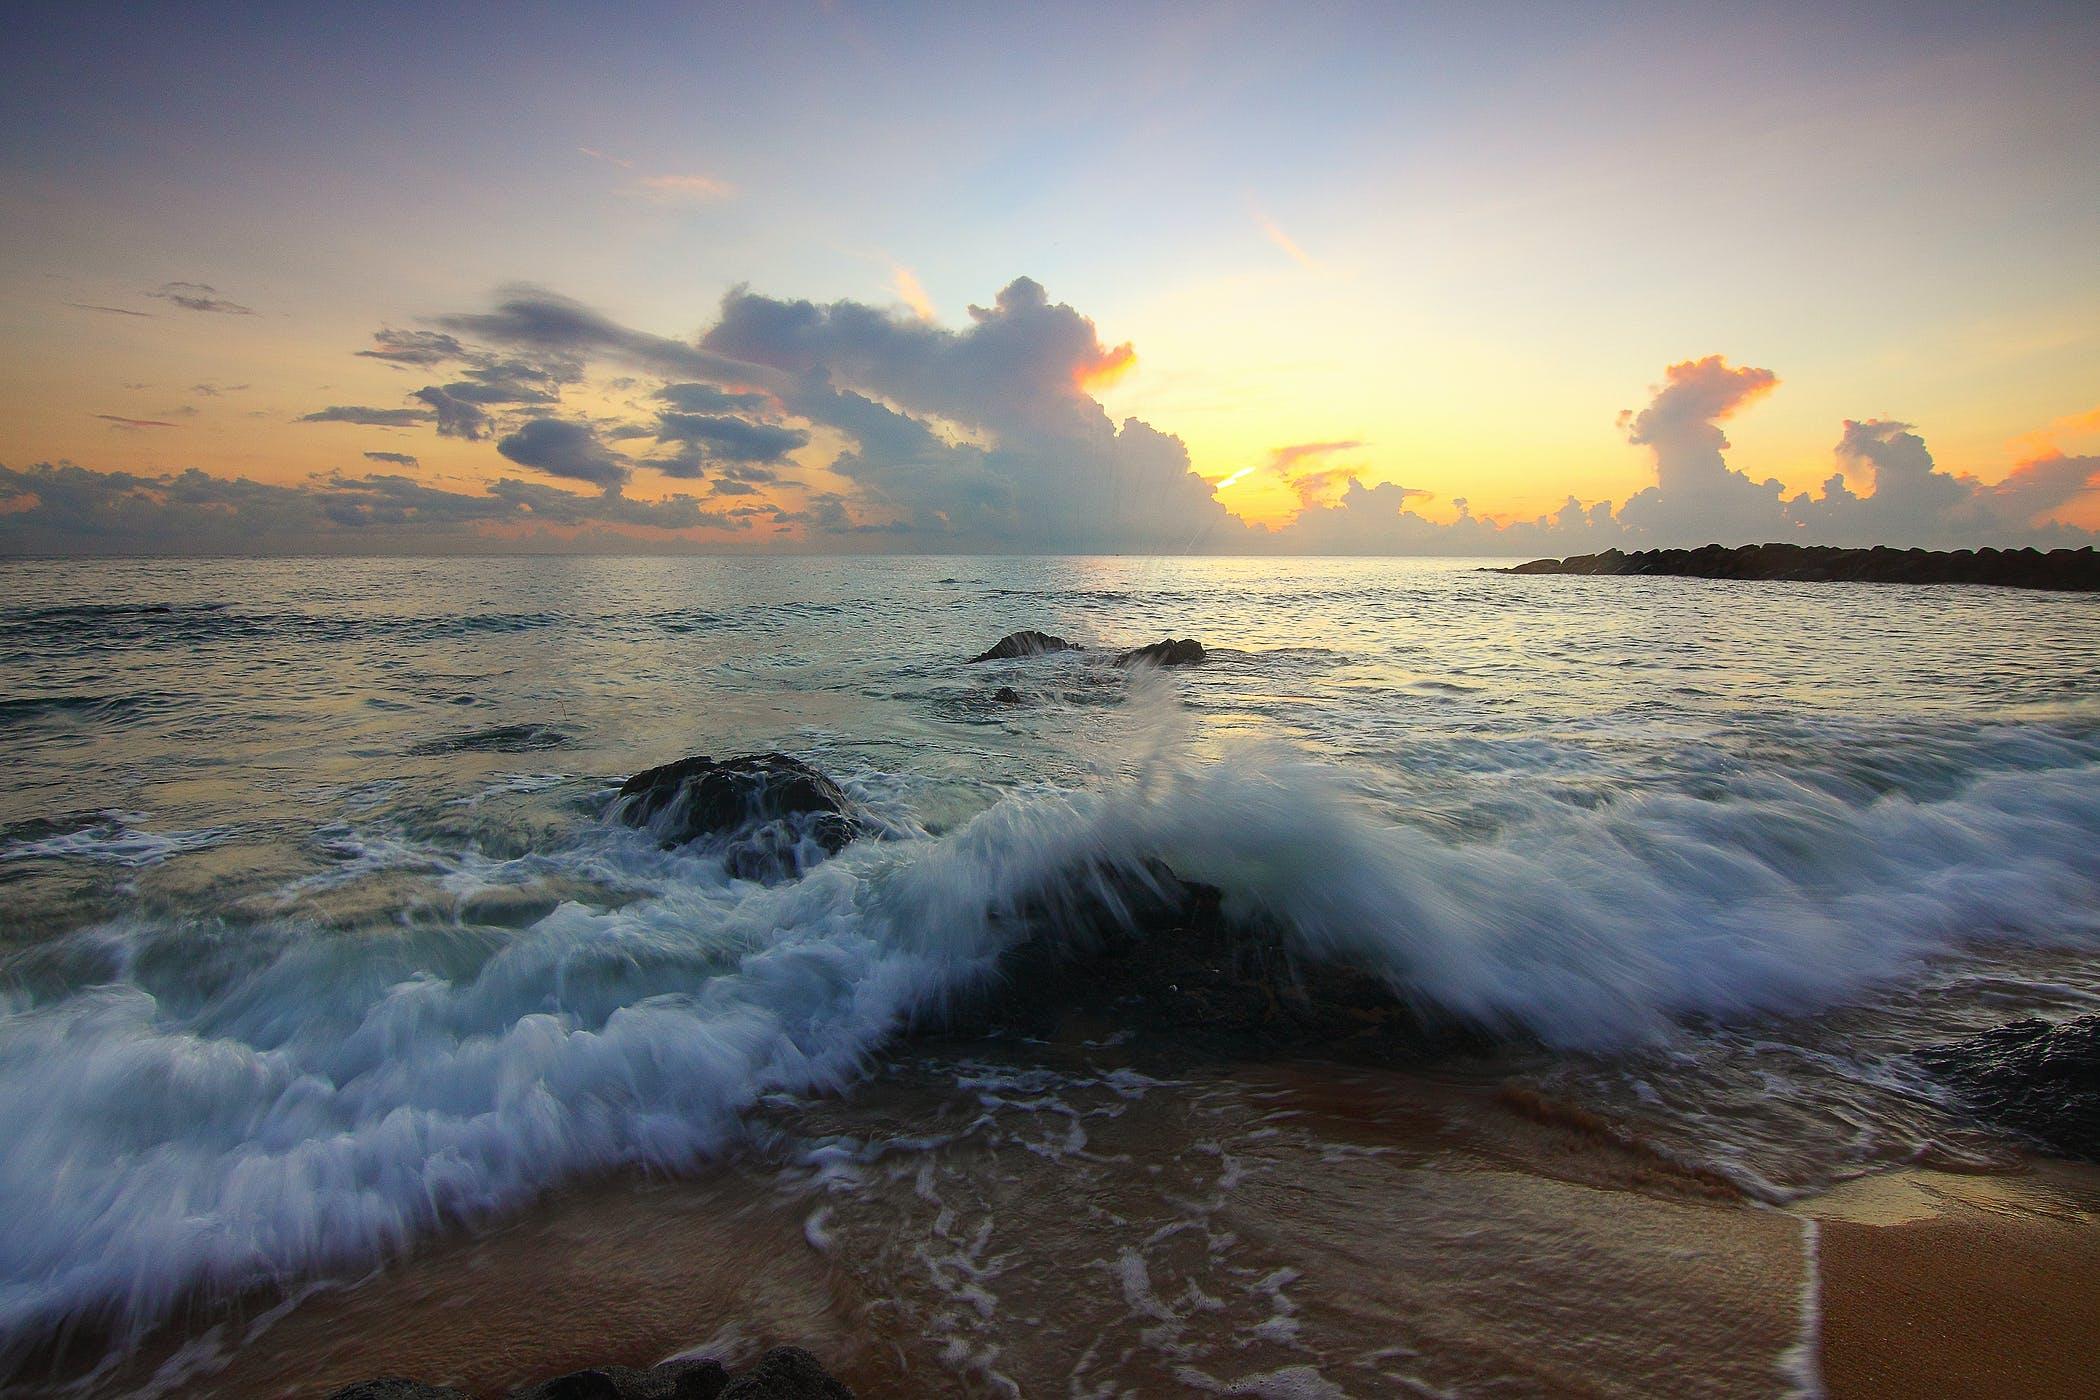 Δωρεάν στοκ φωτογραφιών με άμμος, αυγή, αφρός της θάλασσας, βραδινός ουρανός